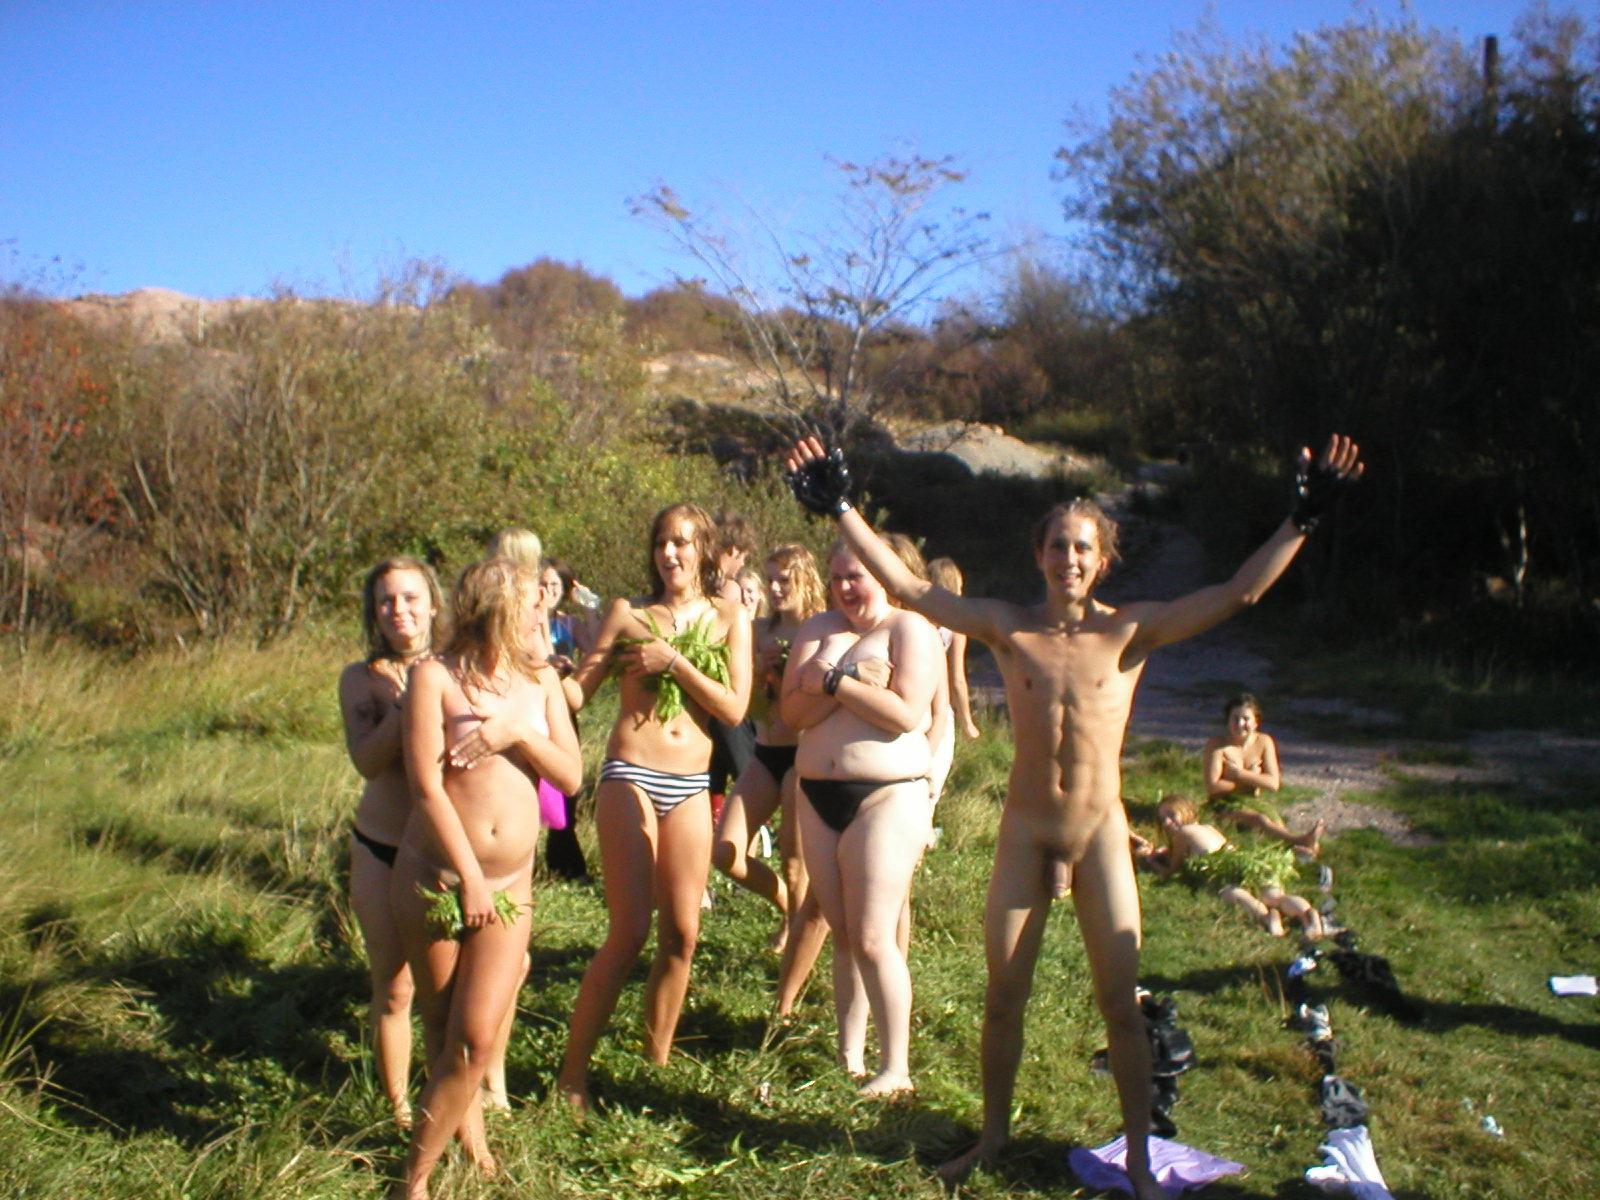 nudist fun Amateur beach